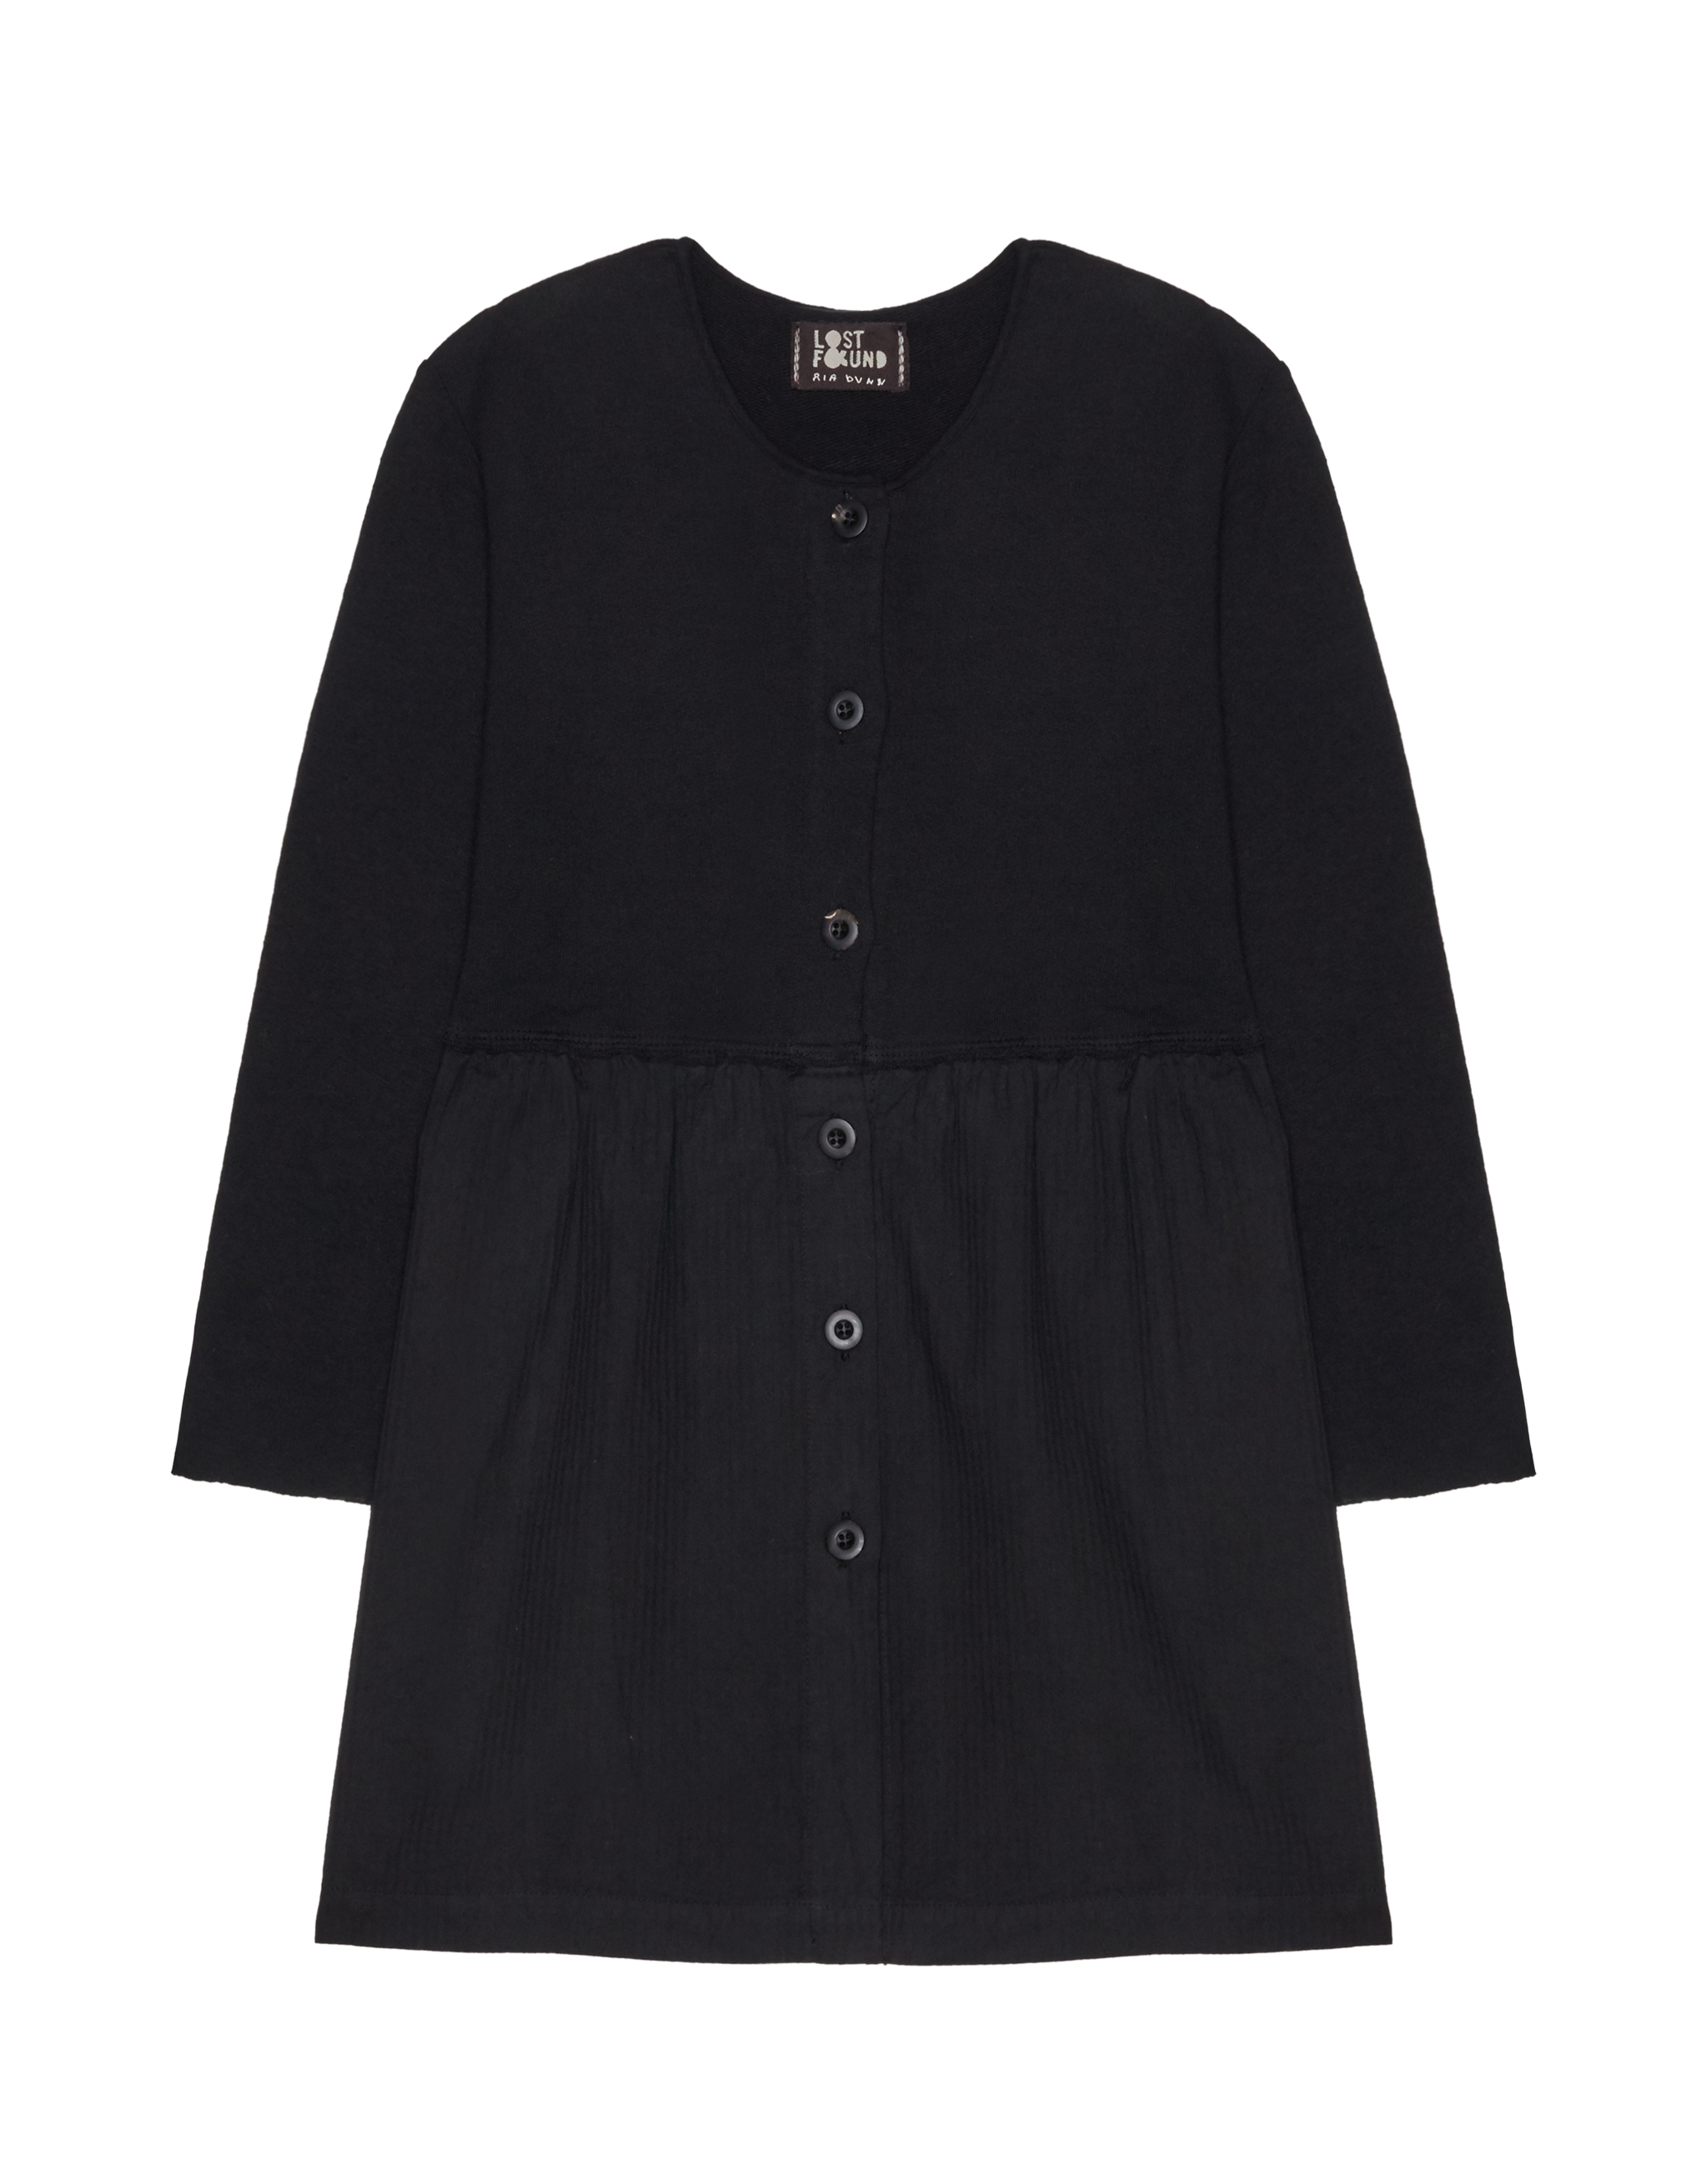 Lost&Found kids Black Wool & Cotton Dress